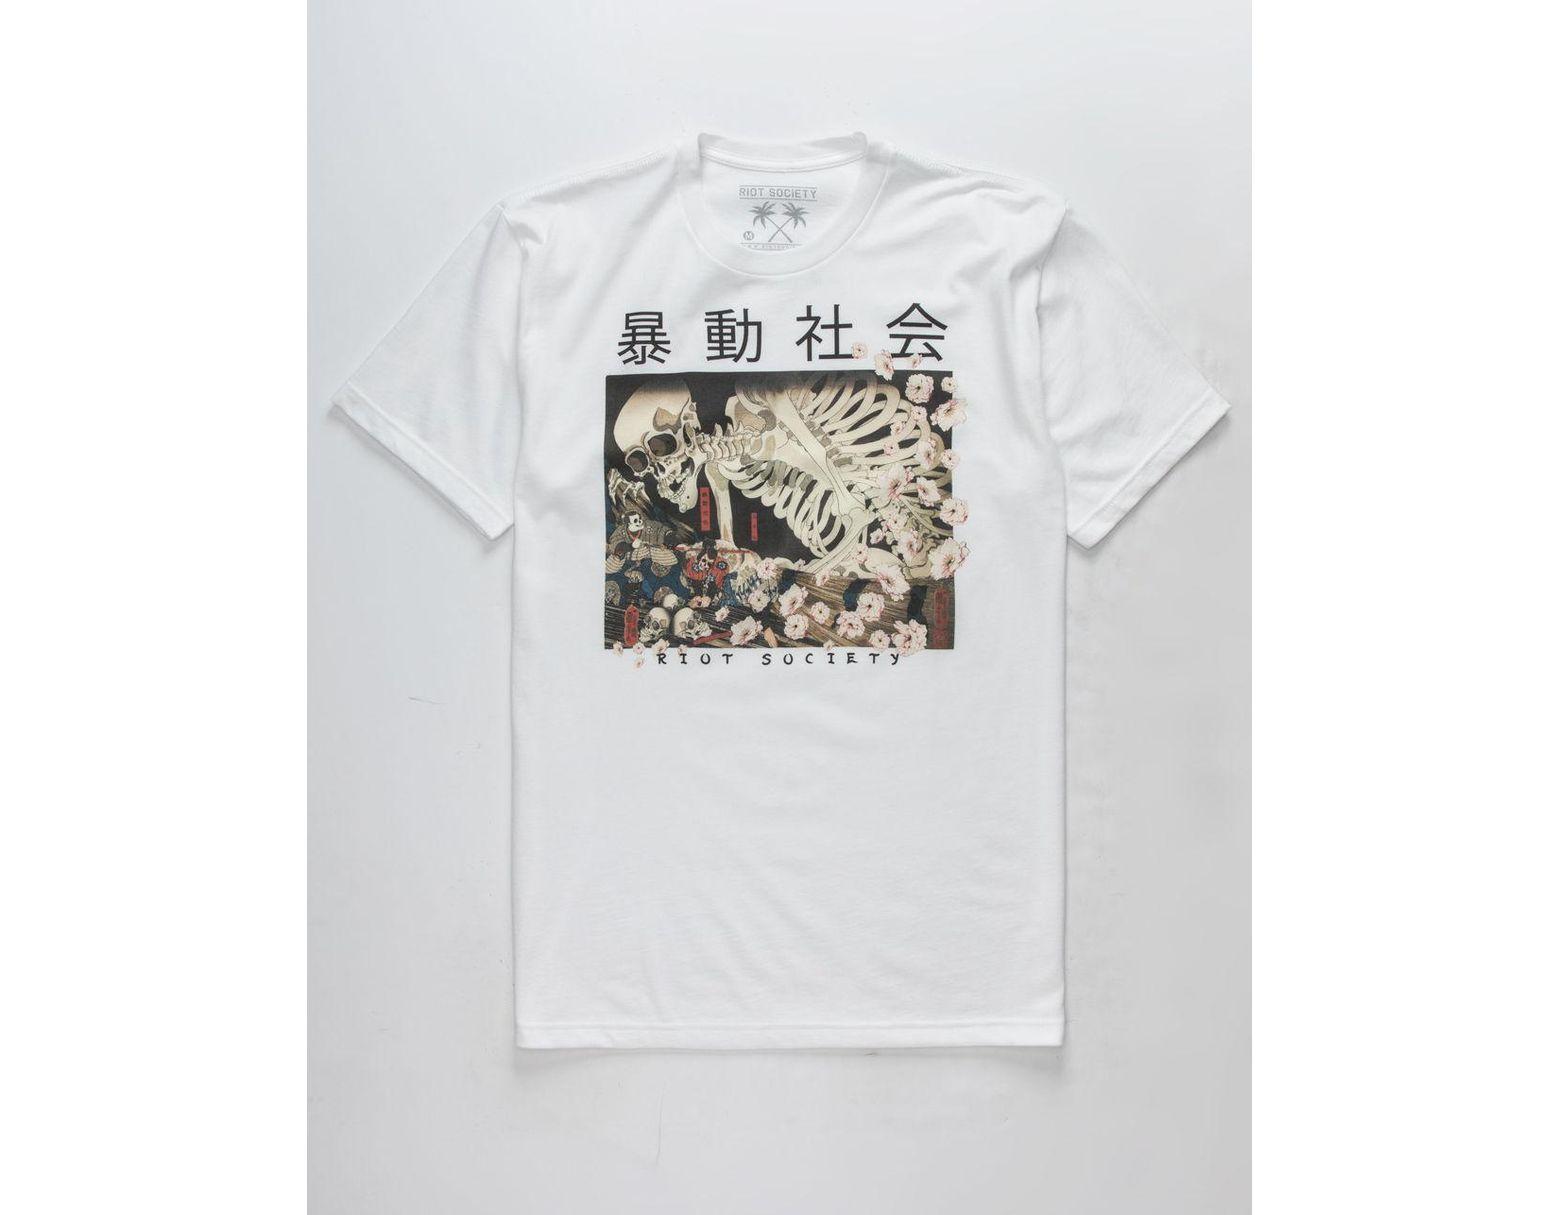 9507f4a30abc Riot Society Skeleton Samurai Mens T-shirt in White for Men - Lyst